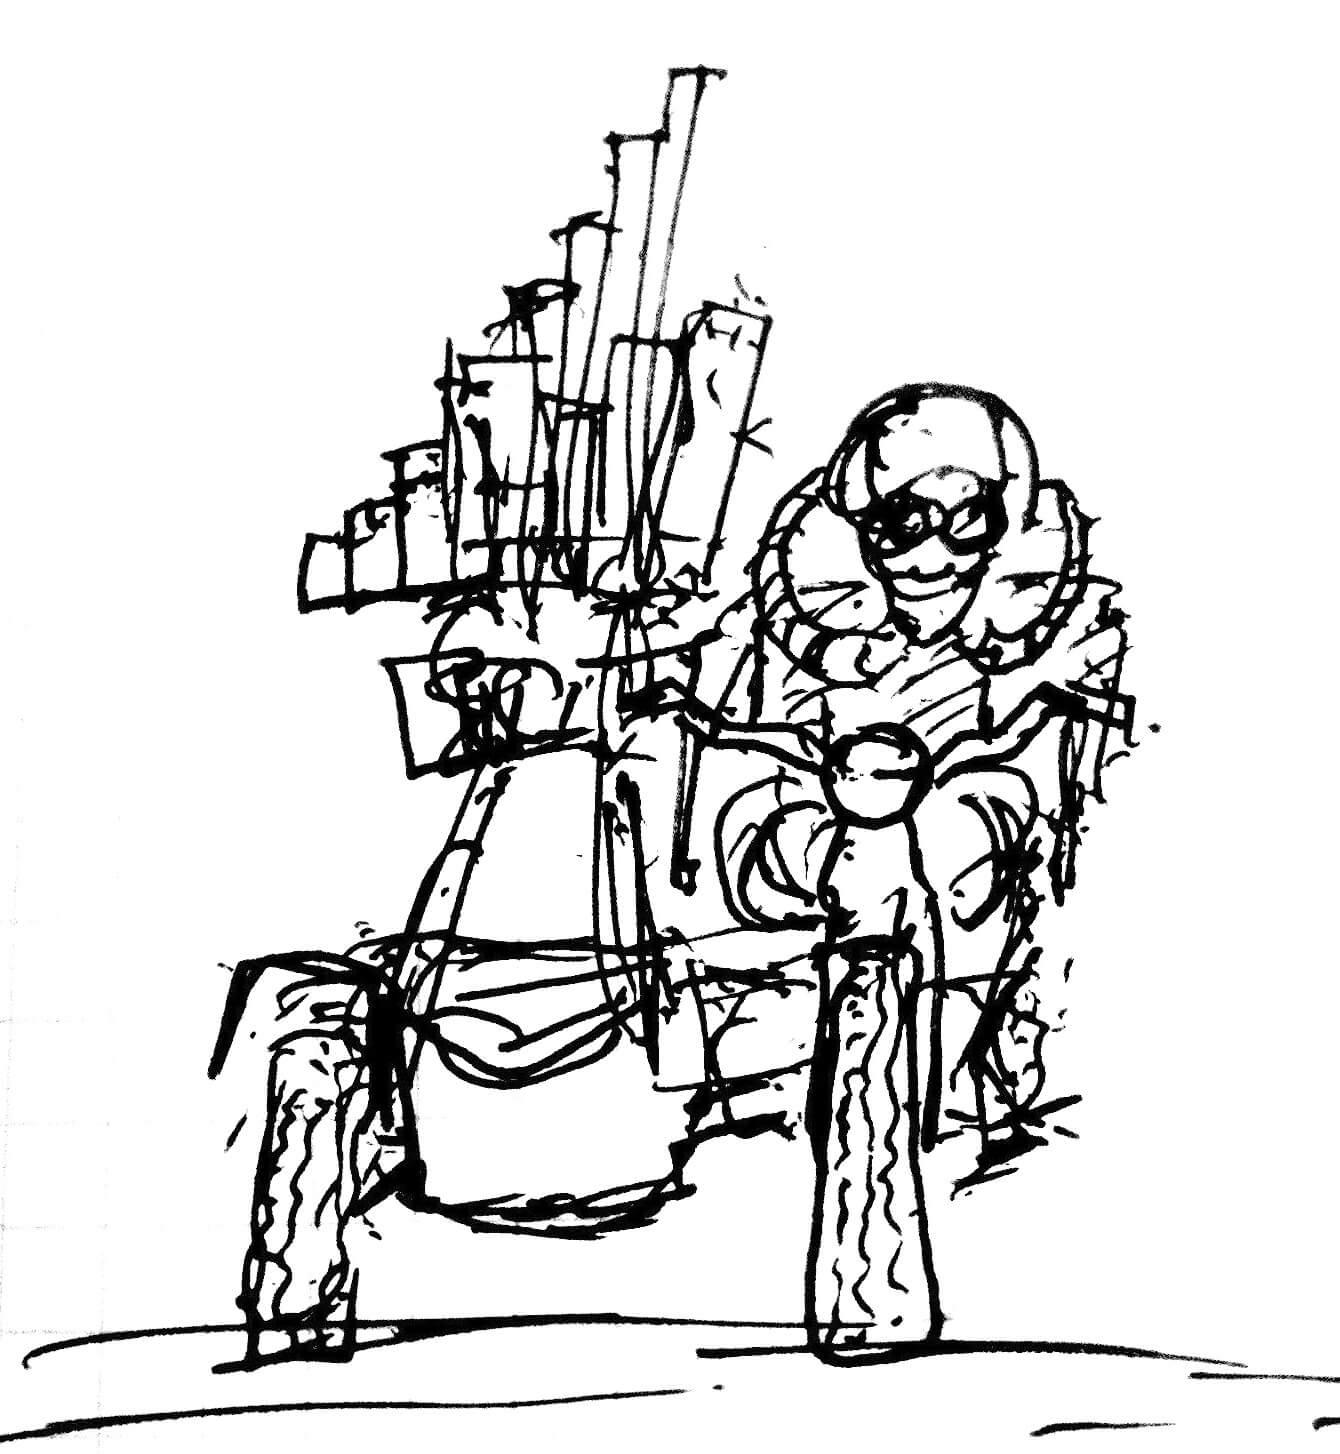 Dessin Motorgs Side-car : vue de face un motocycliste porte un petit orgue à gros tuyaux dans le side-car